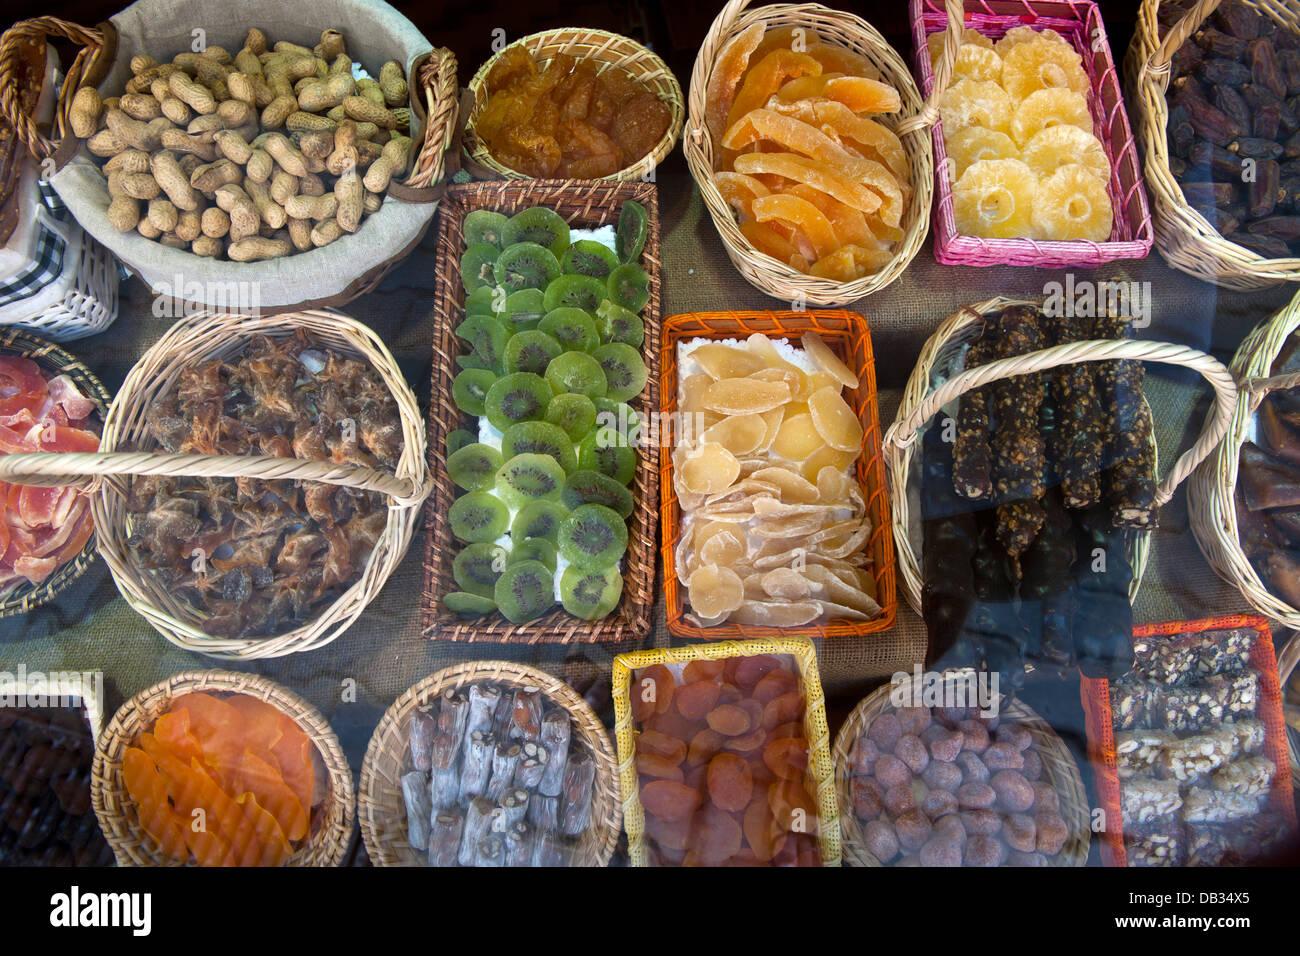 Türkei, Provinz Mugla, Göcek, eine Spezialität, getrocknete Früchte und Nüsse Stock Photo